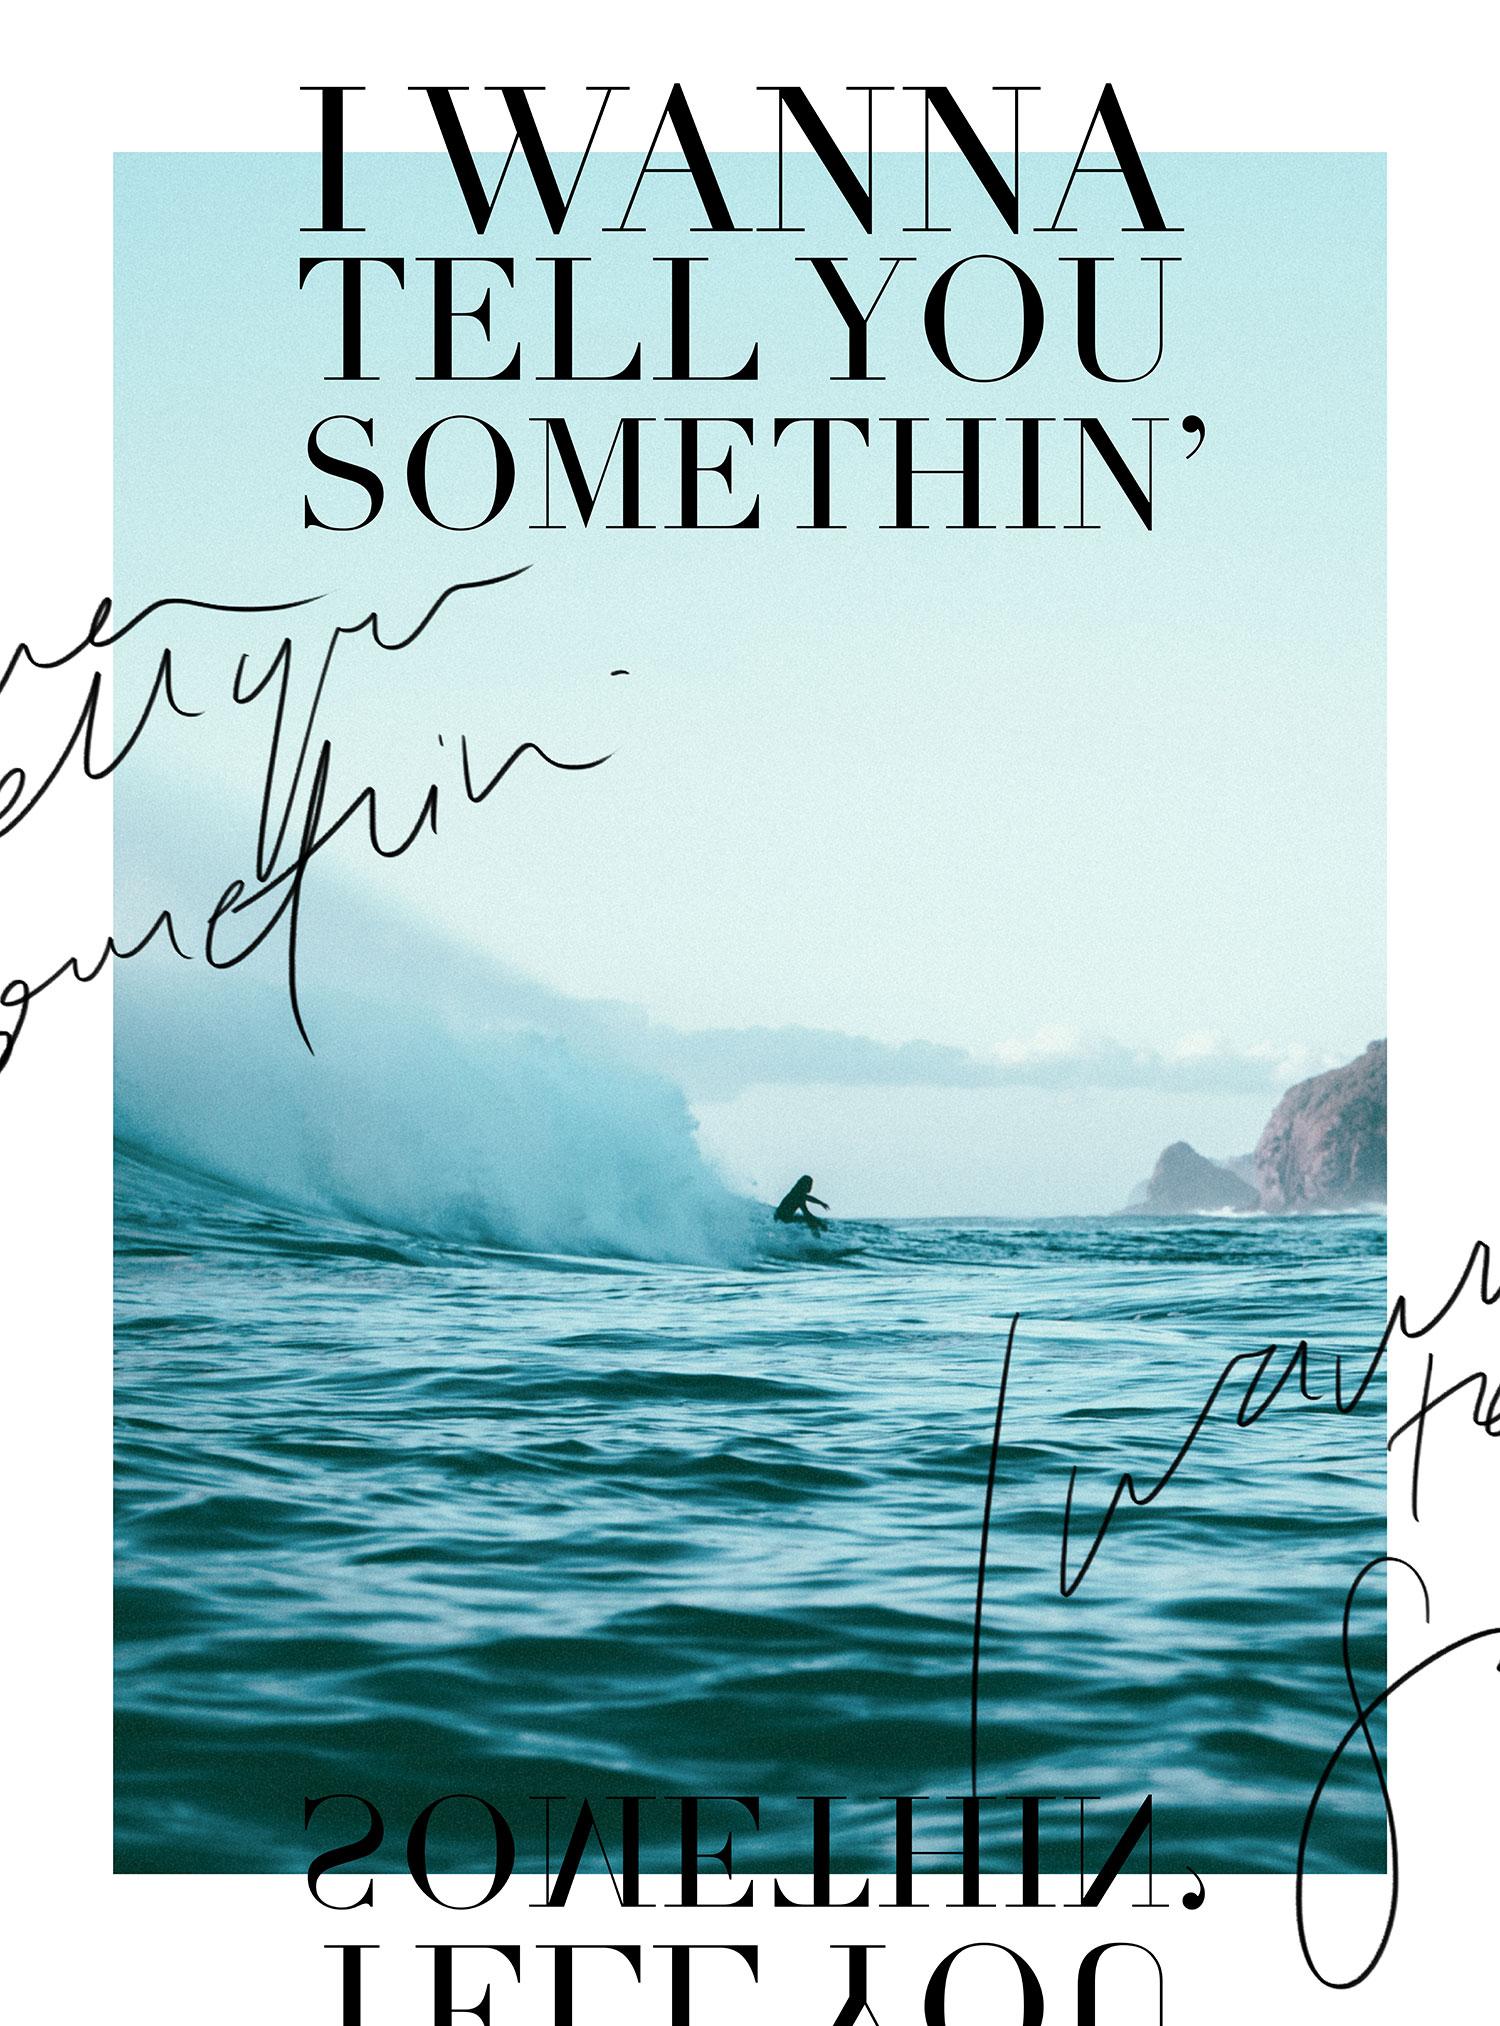 I wanna tell you somethin' | freshbysian.com